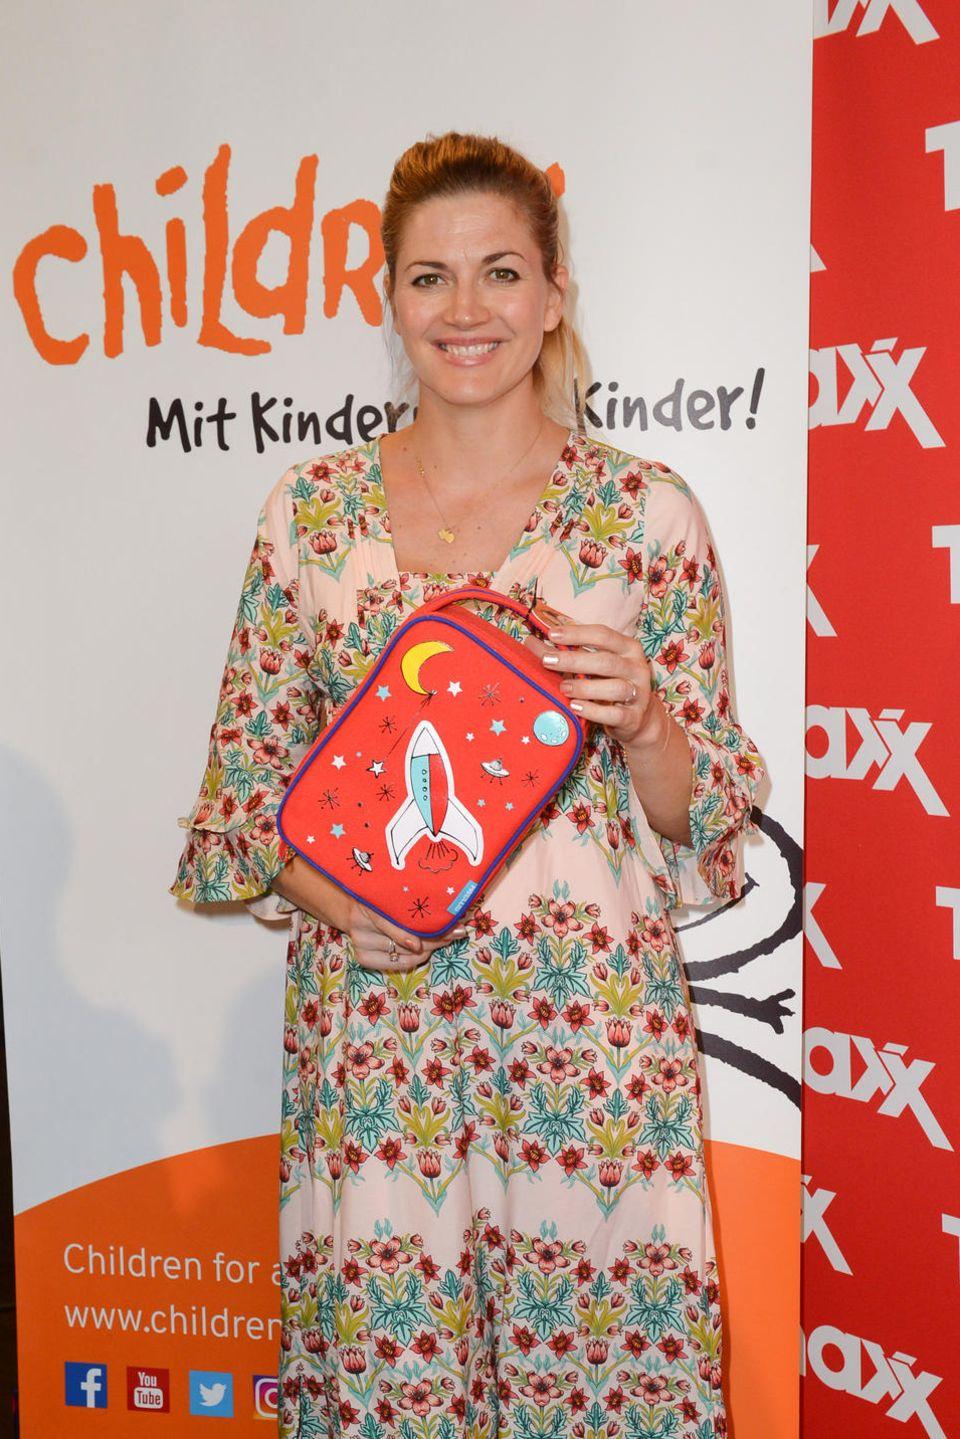 Nina Bott ist eine der prominenten Unterstützerinnen des Charity-Projekts für Kinder.